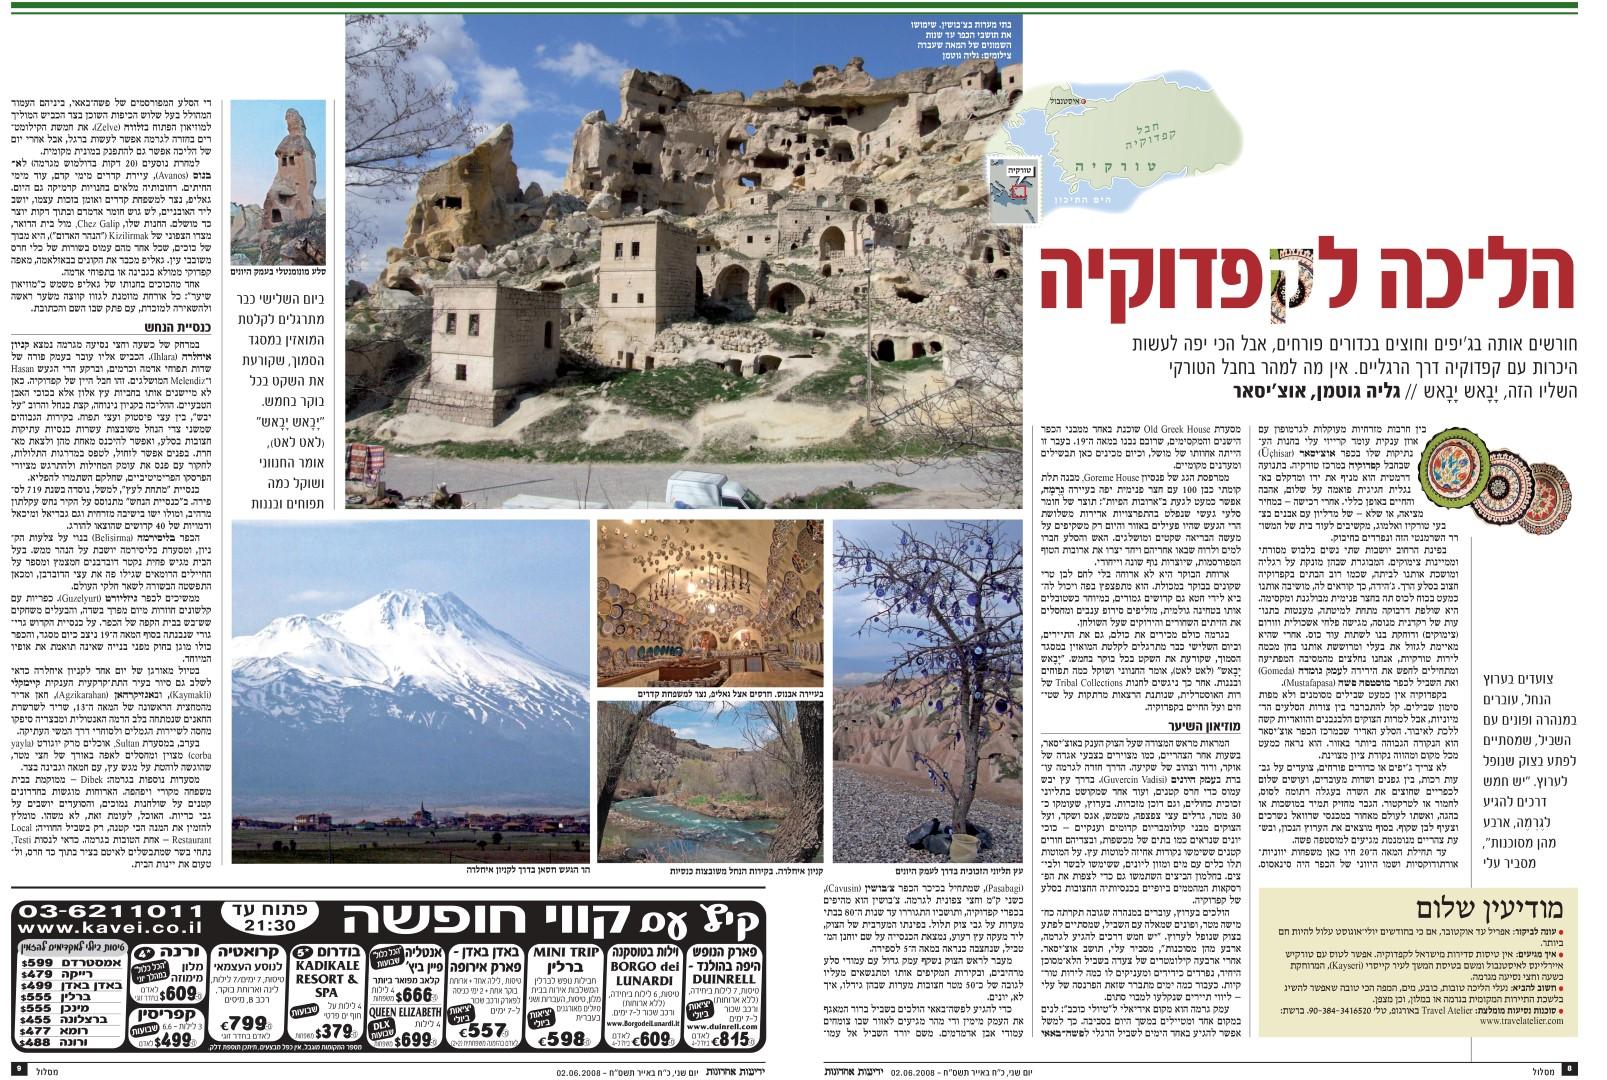 הליכה-לקפדוקיה-חופש Ynet Cappadocia